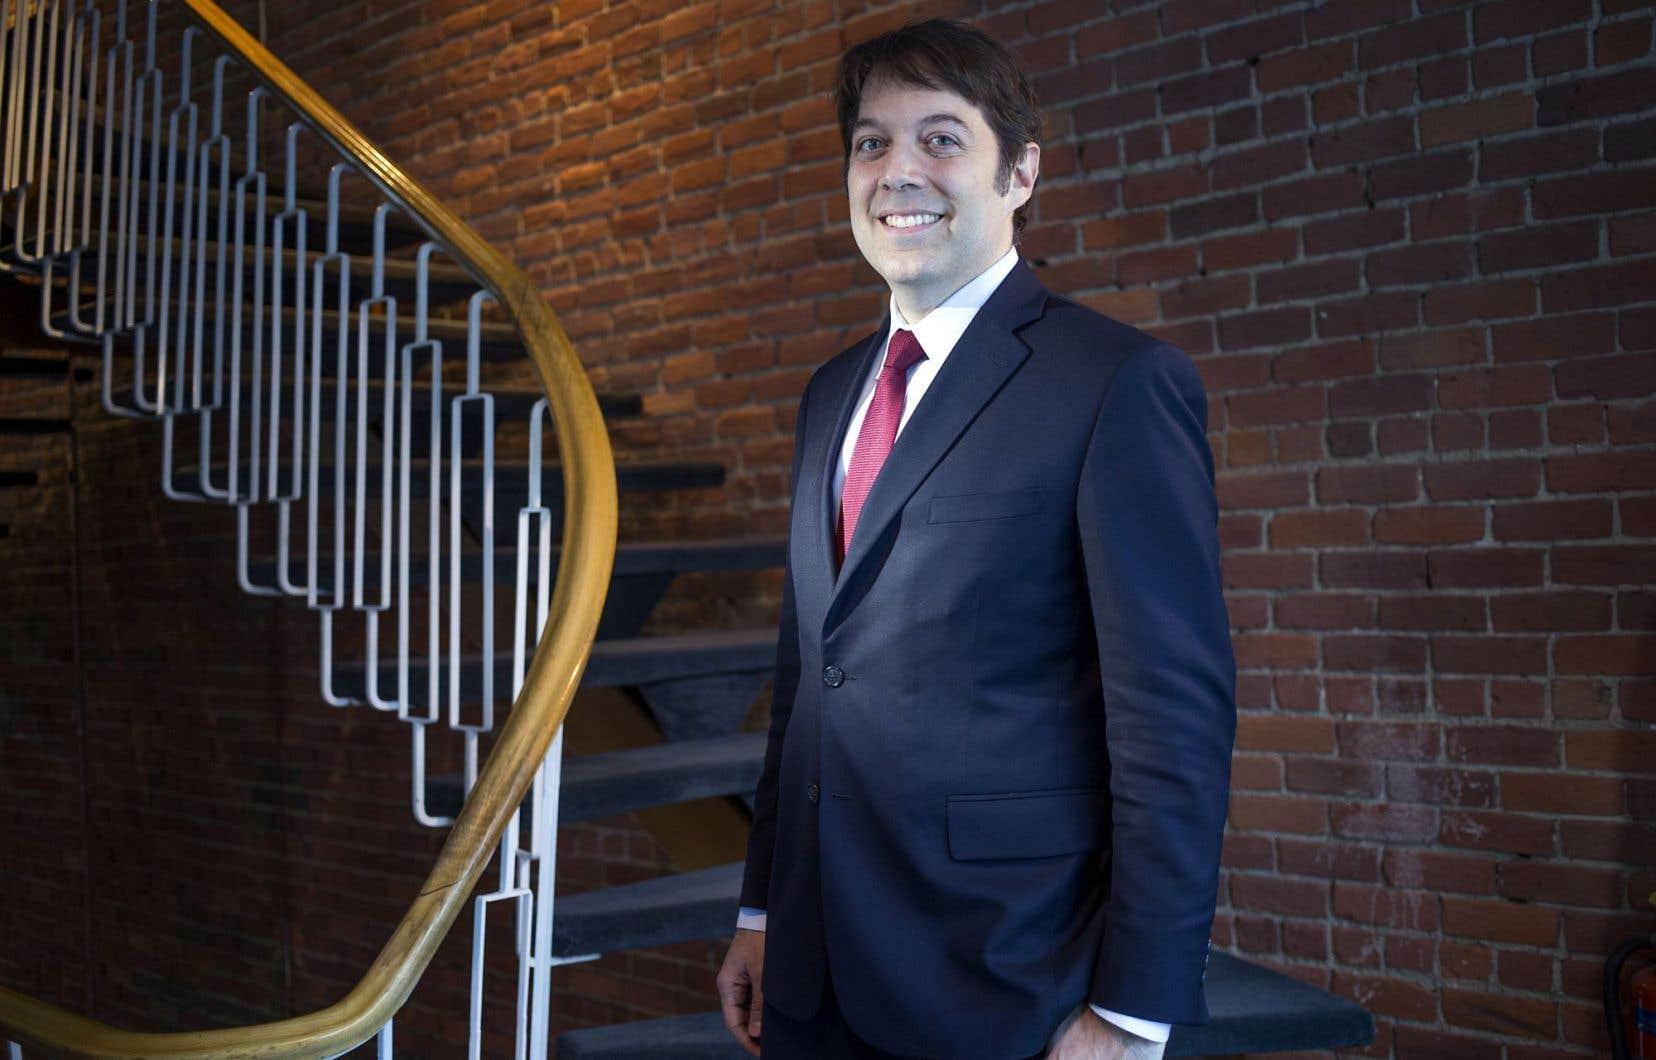 Selon le président de l'Acfas, Frédéric Bouchard, les chercheurs du Québec collaborent entre institutions francophones et anglophones beaucoup plus étroitement que dans les autres provinces.